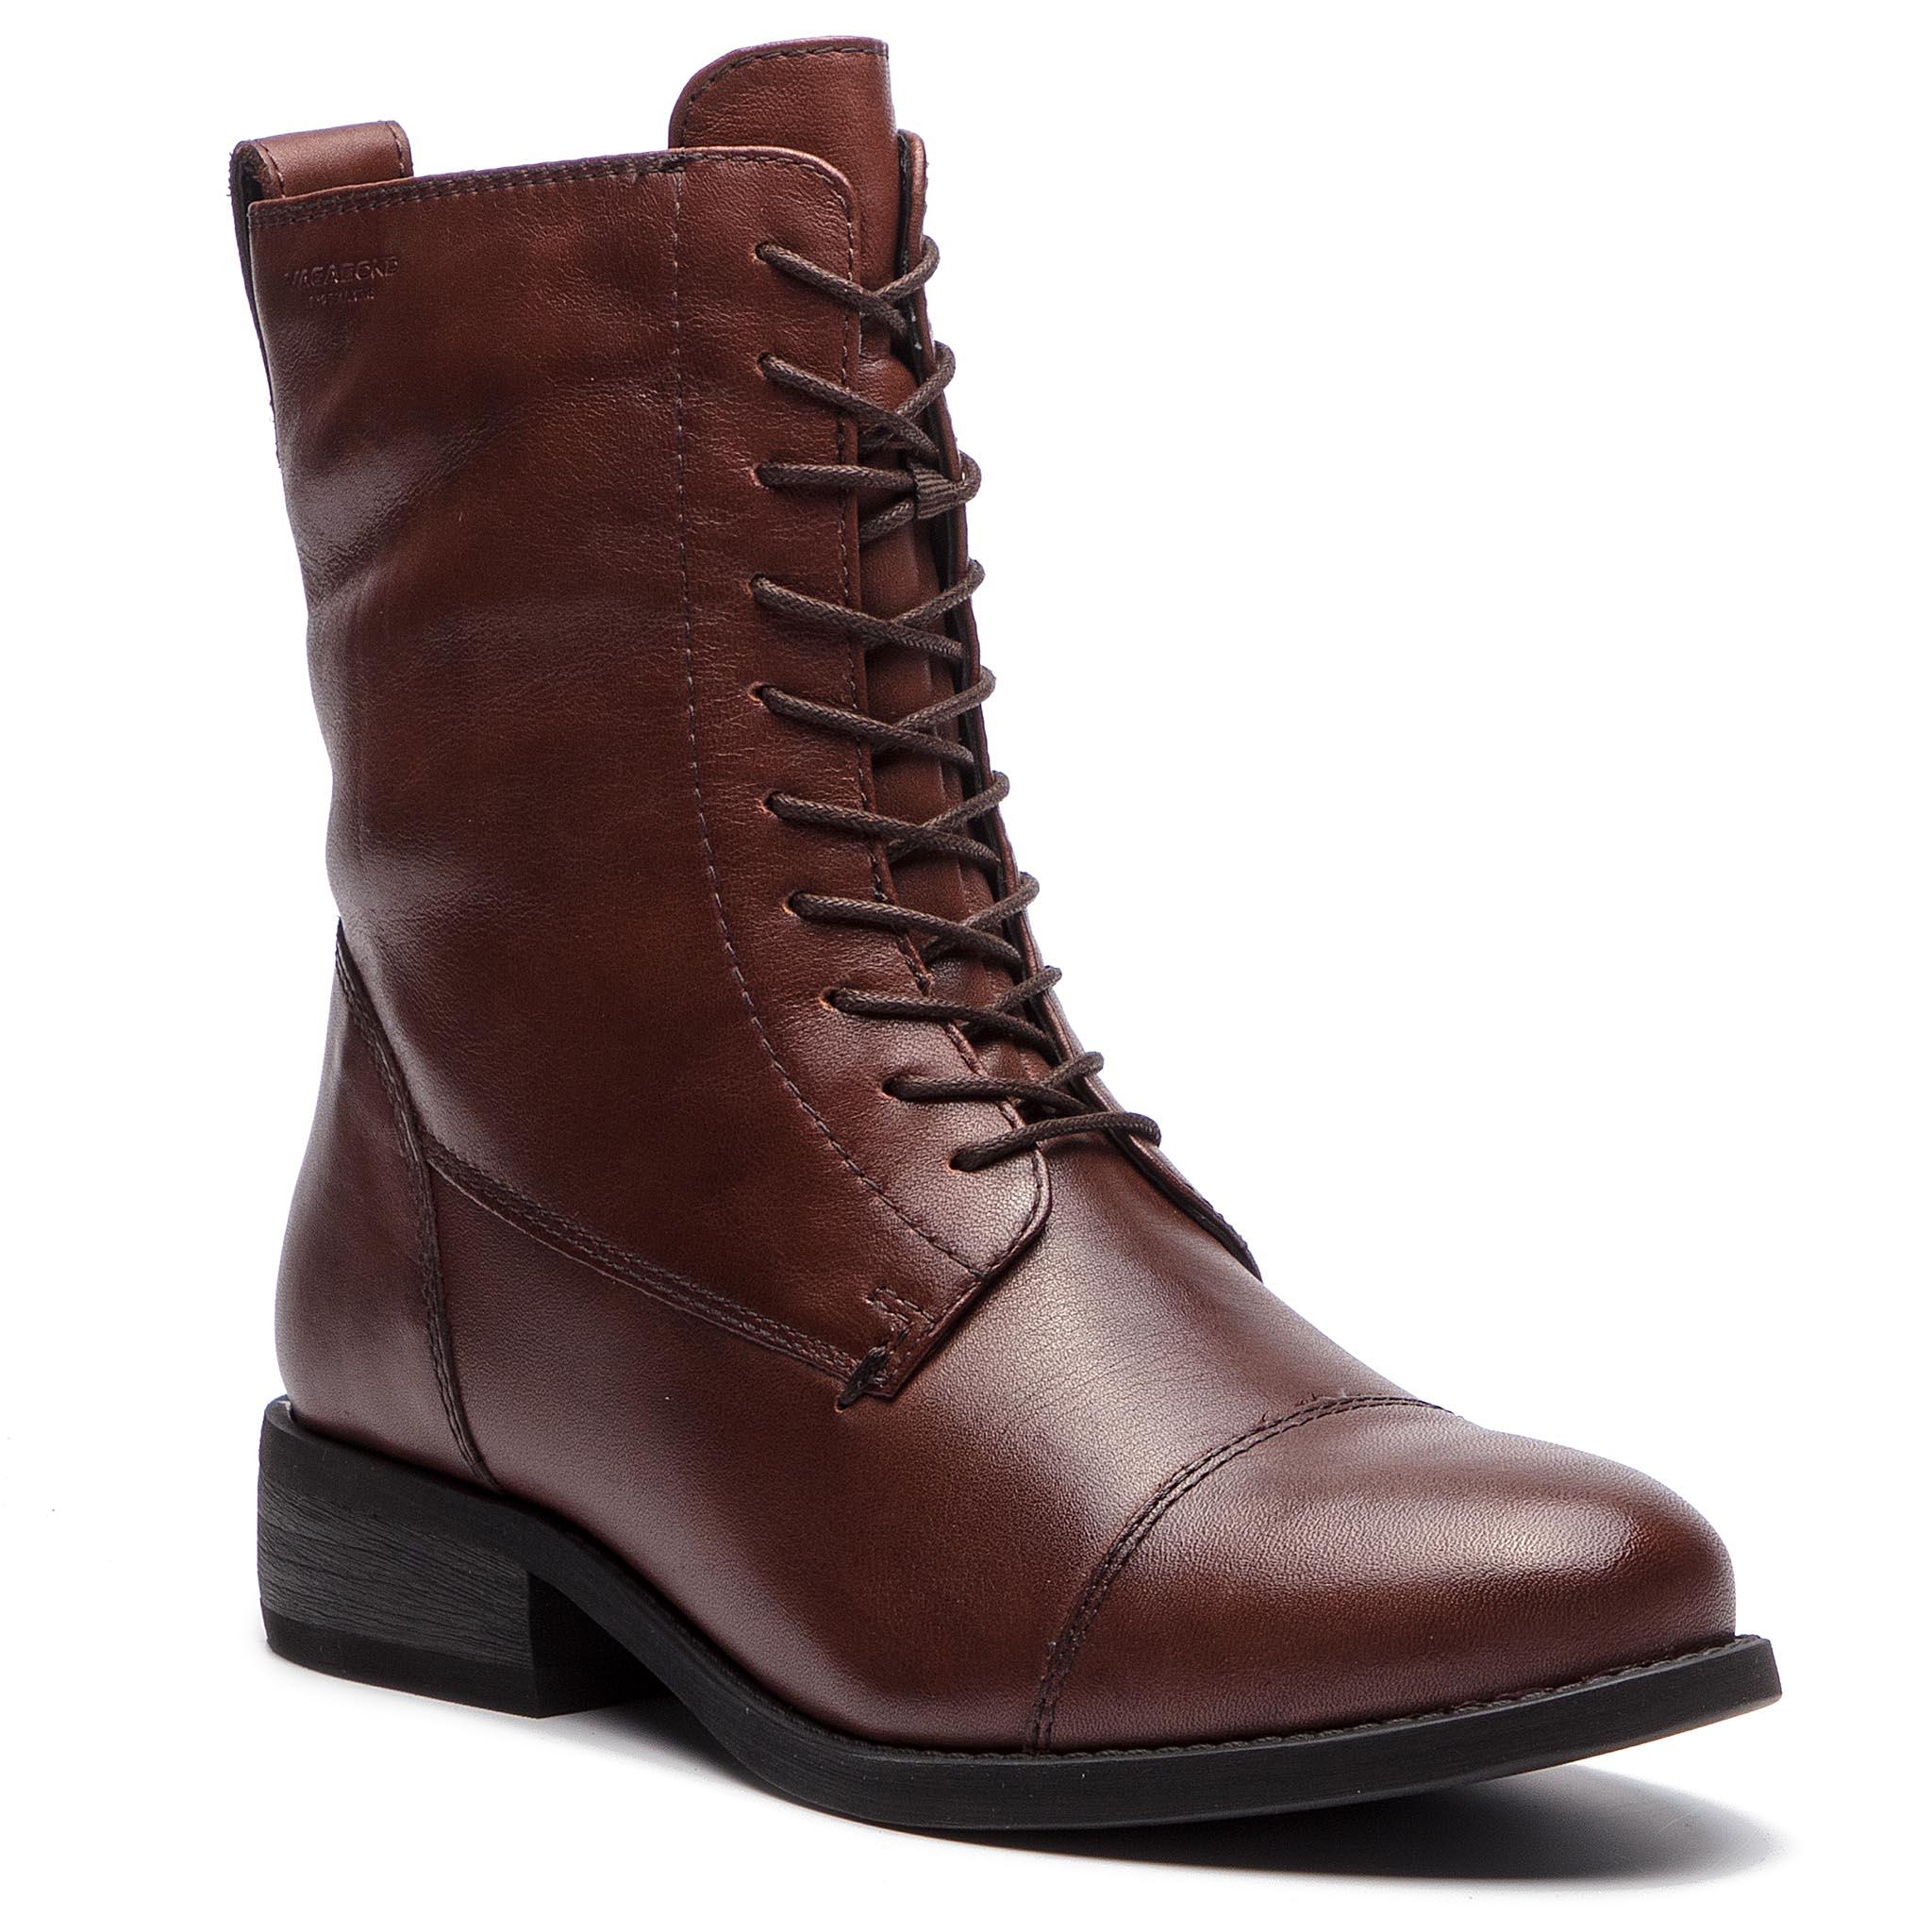 Over Knee Boots TAMARIS 1 25516 31 Black 001 Musketeer